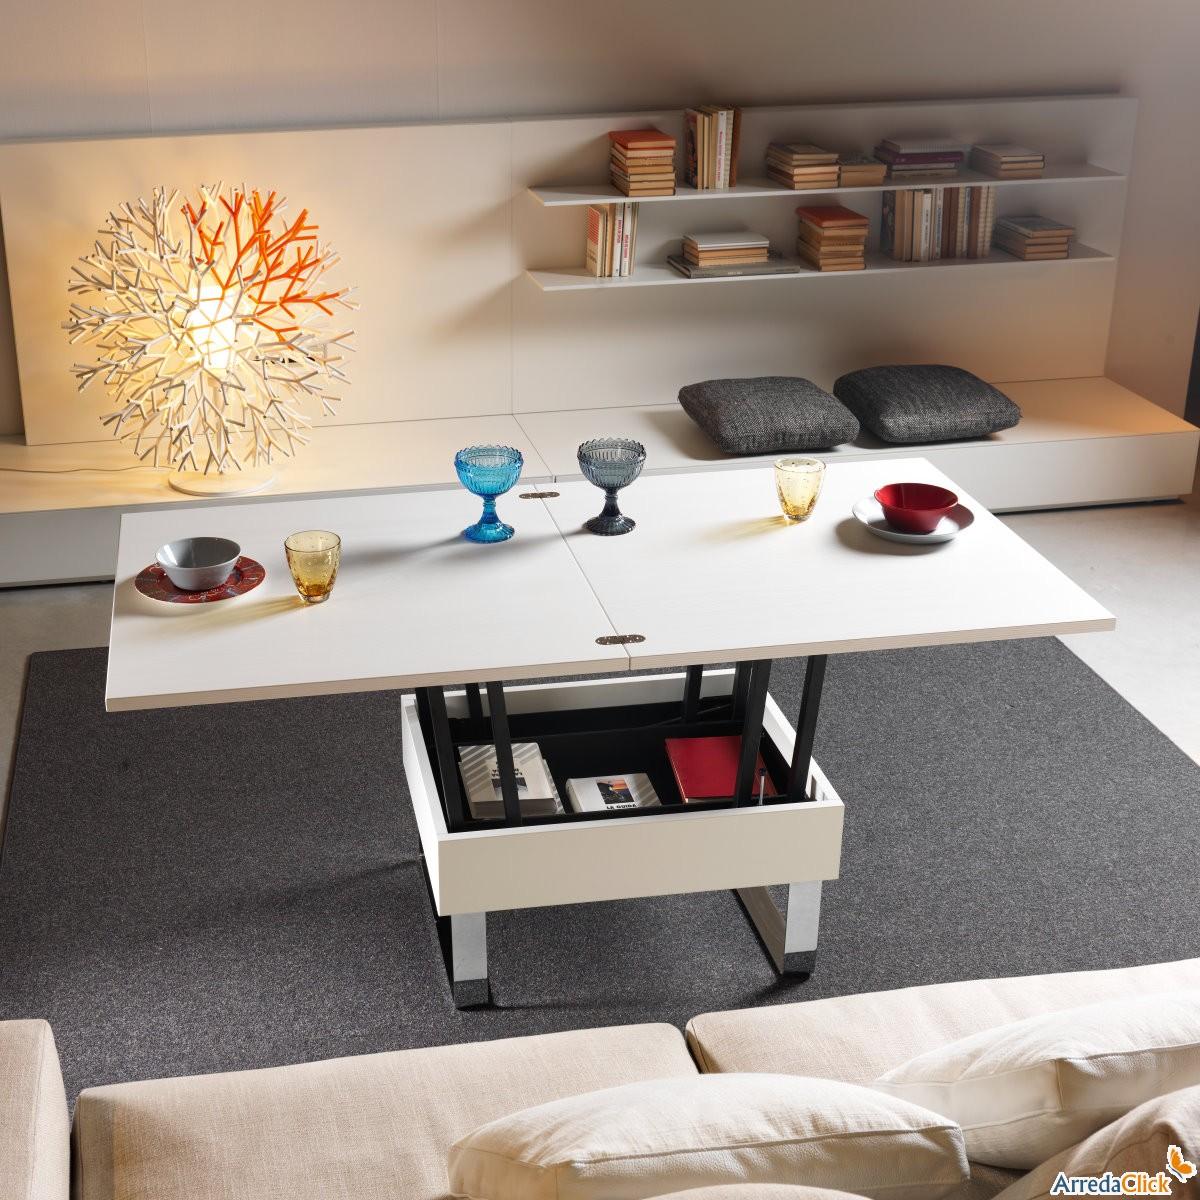 Tavolo da soggiorno usato : cerco tavolo da soggiorno usato ...